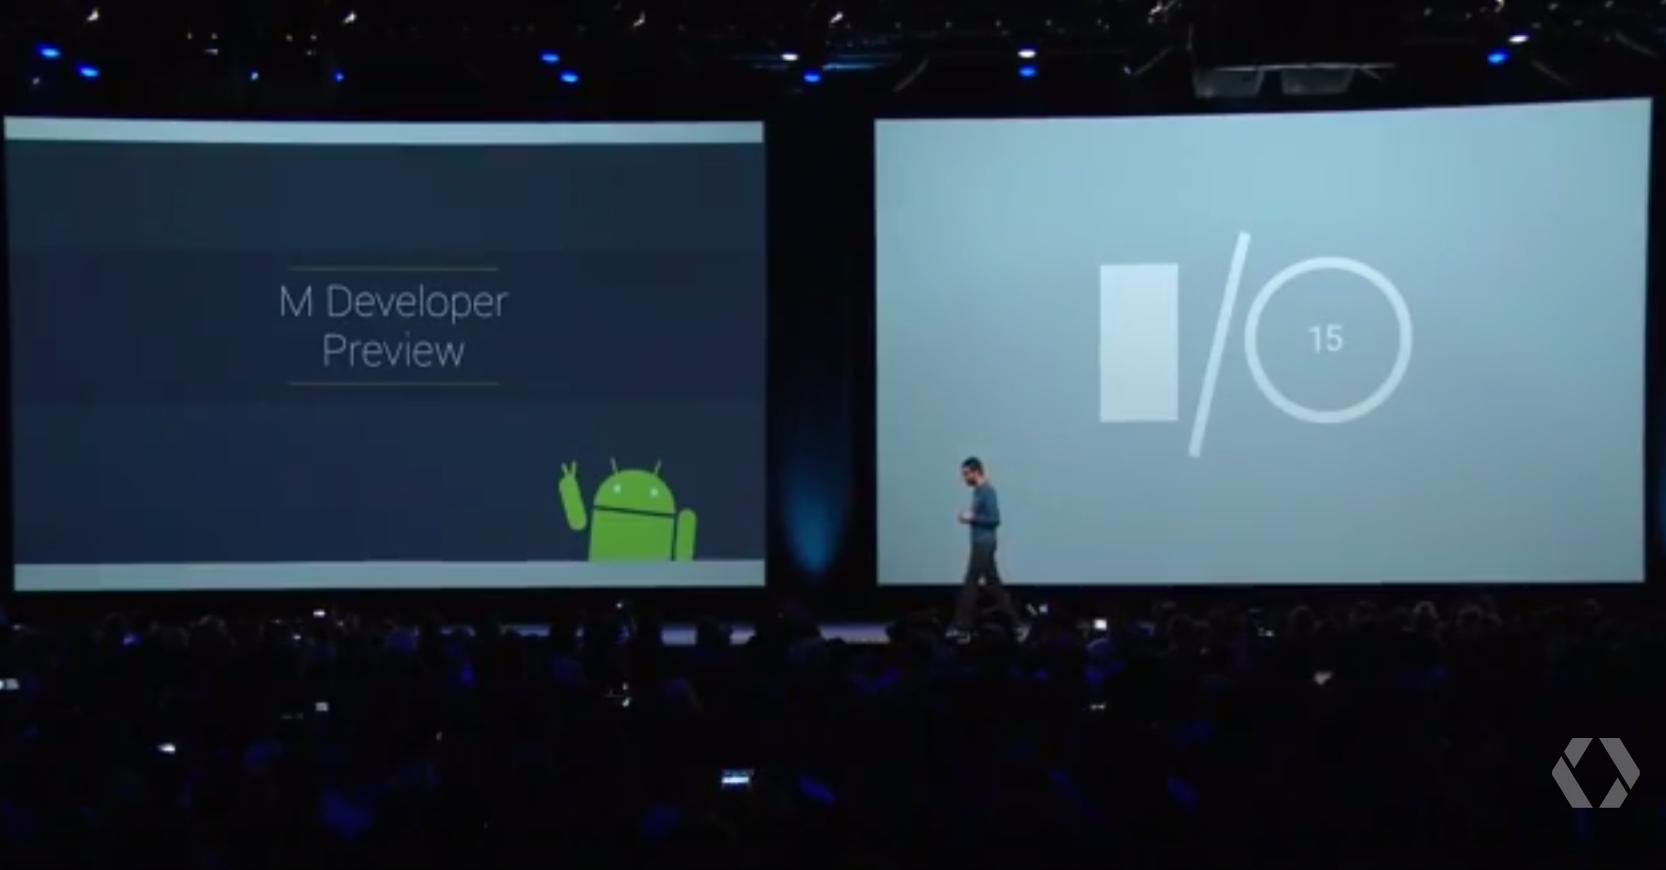 傳 Android M 升級名單公布 九成新機都可升級